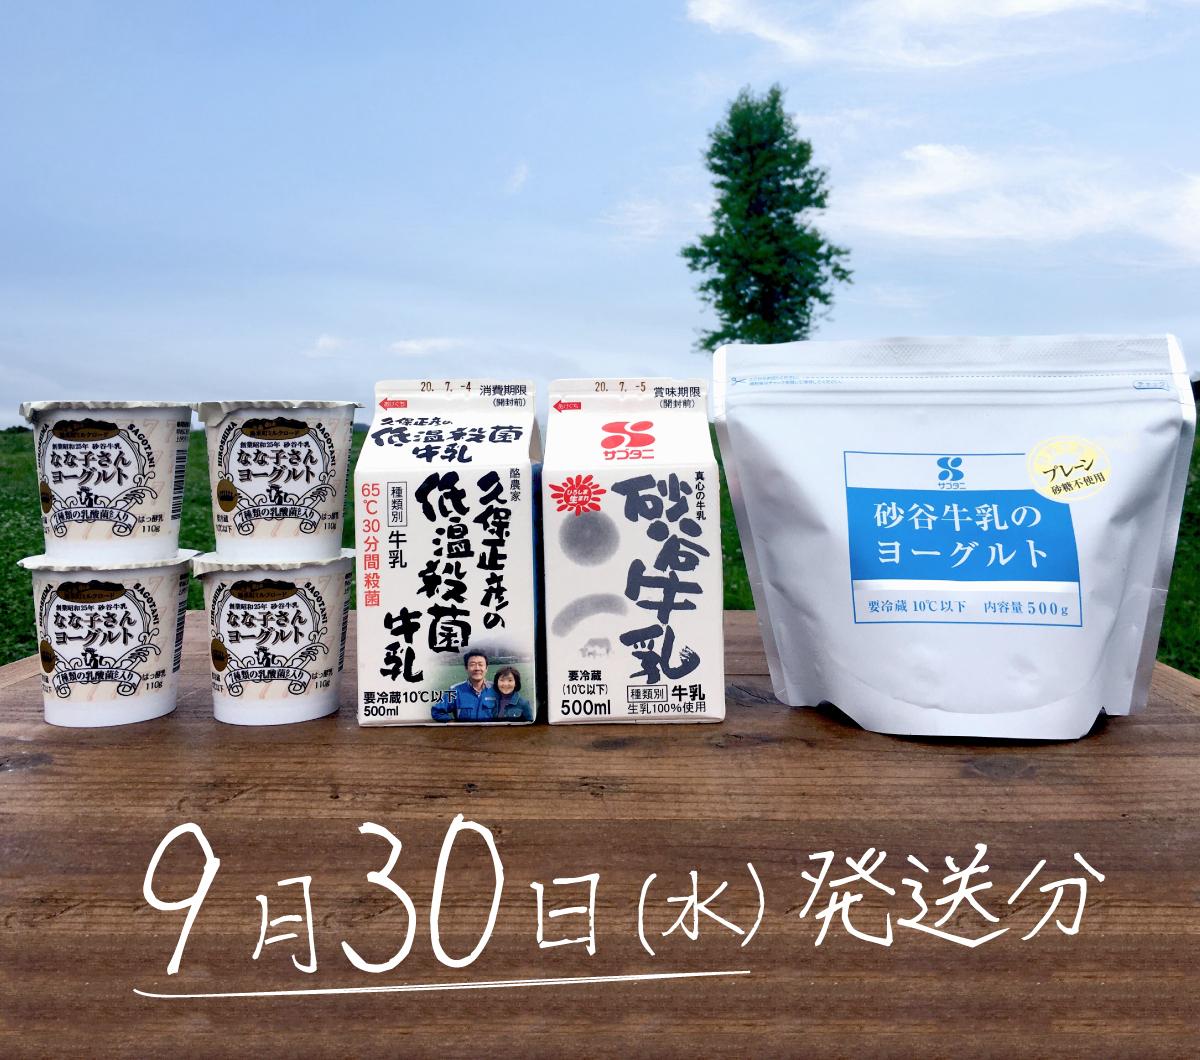 少量セットA 牛乳&ヨーグルト 9月30日(水)発送分